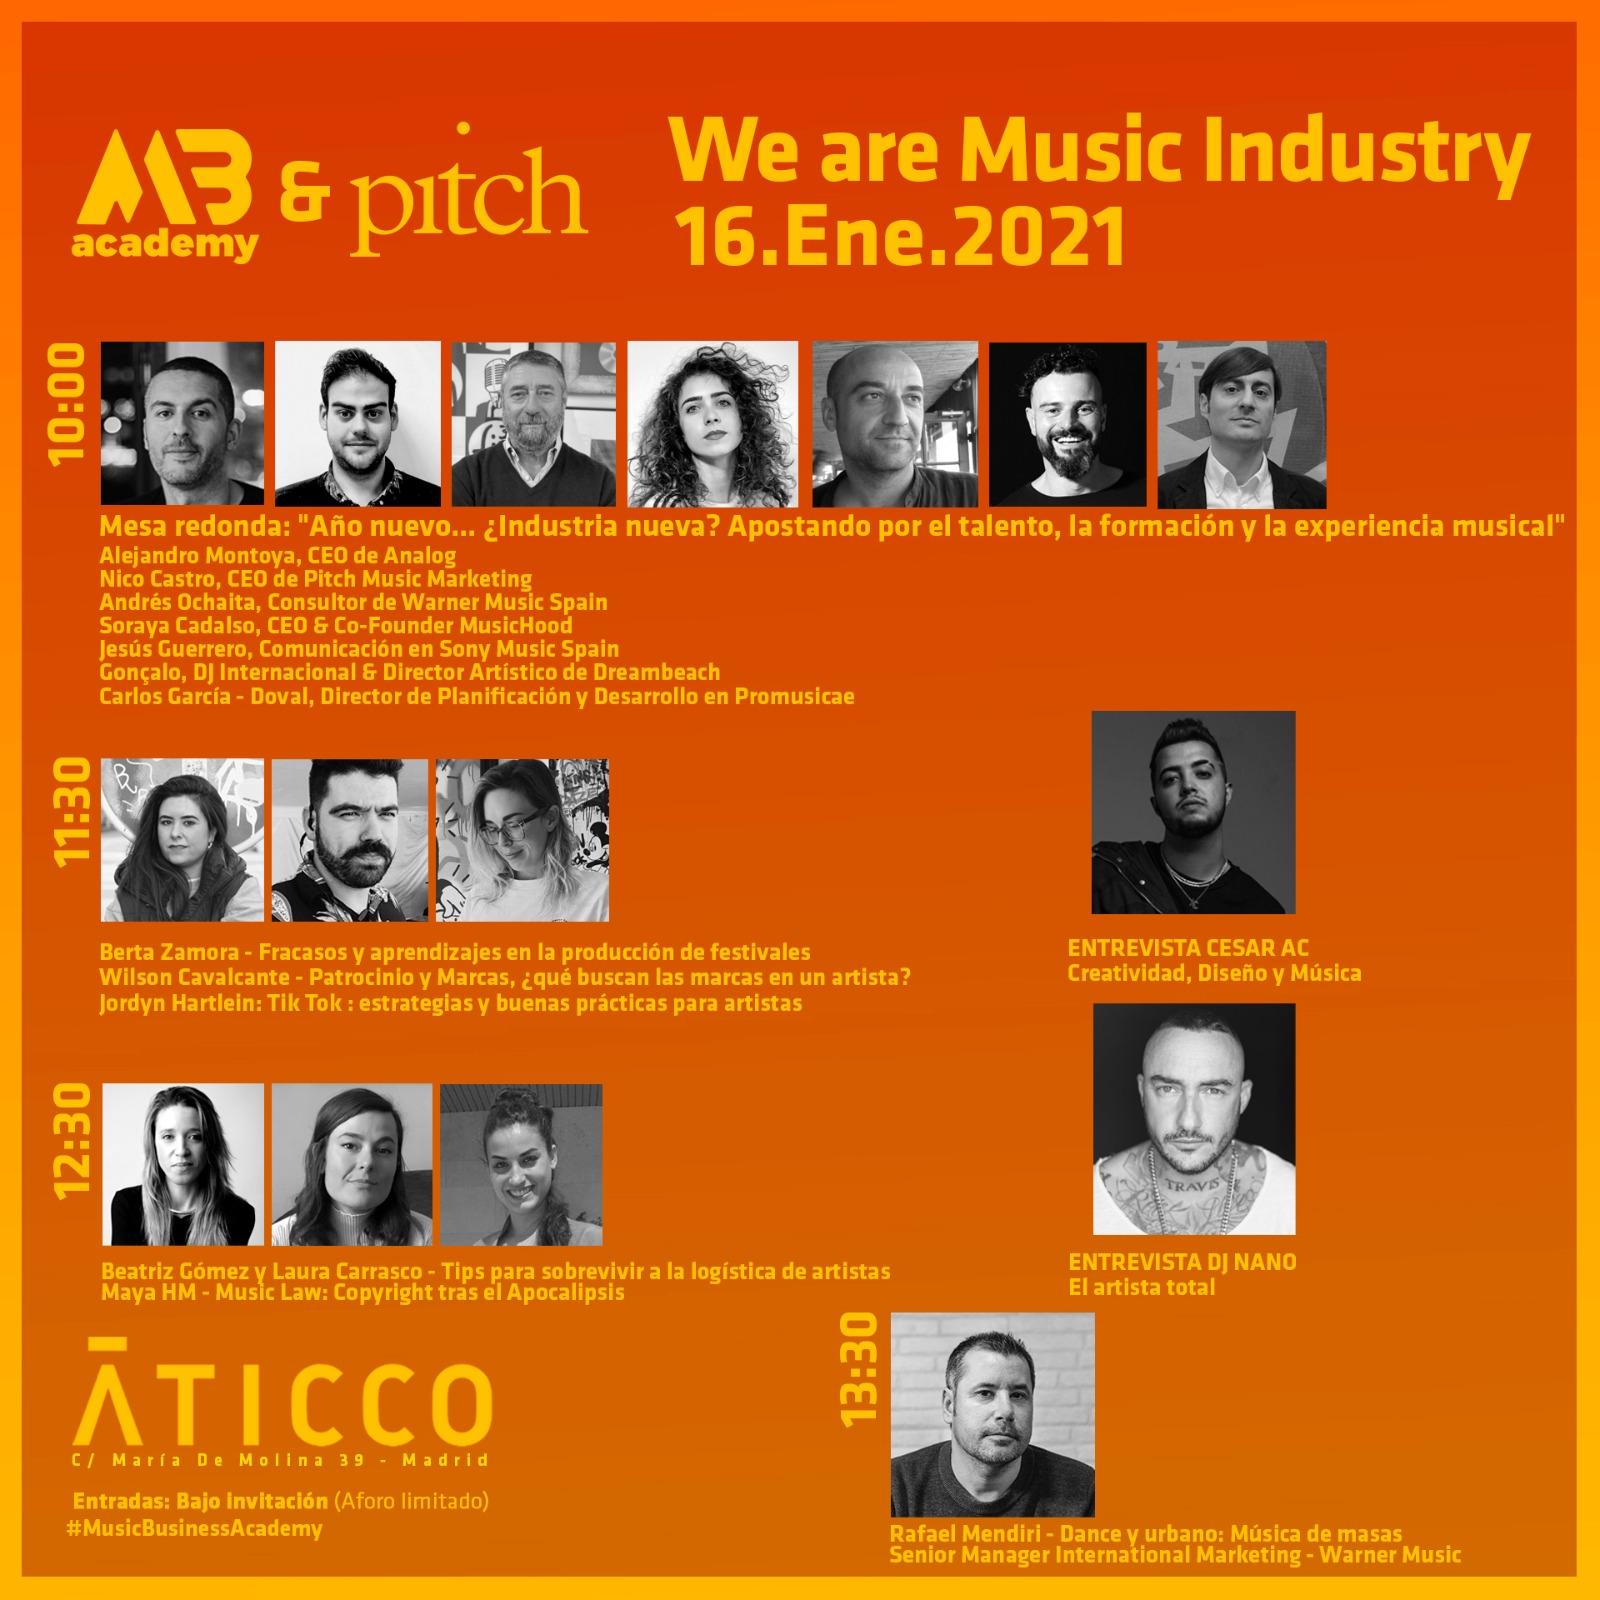 La industria de la música toma el timón de una cultura segura en  We are Music Industry